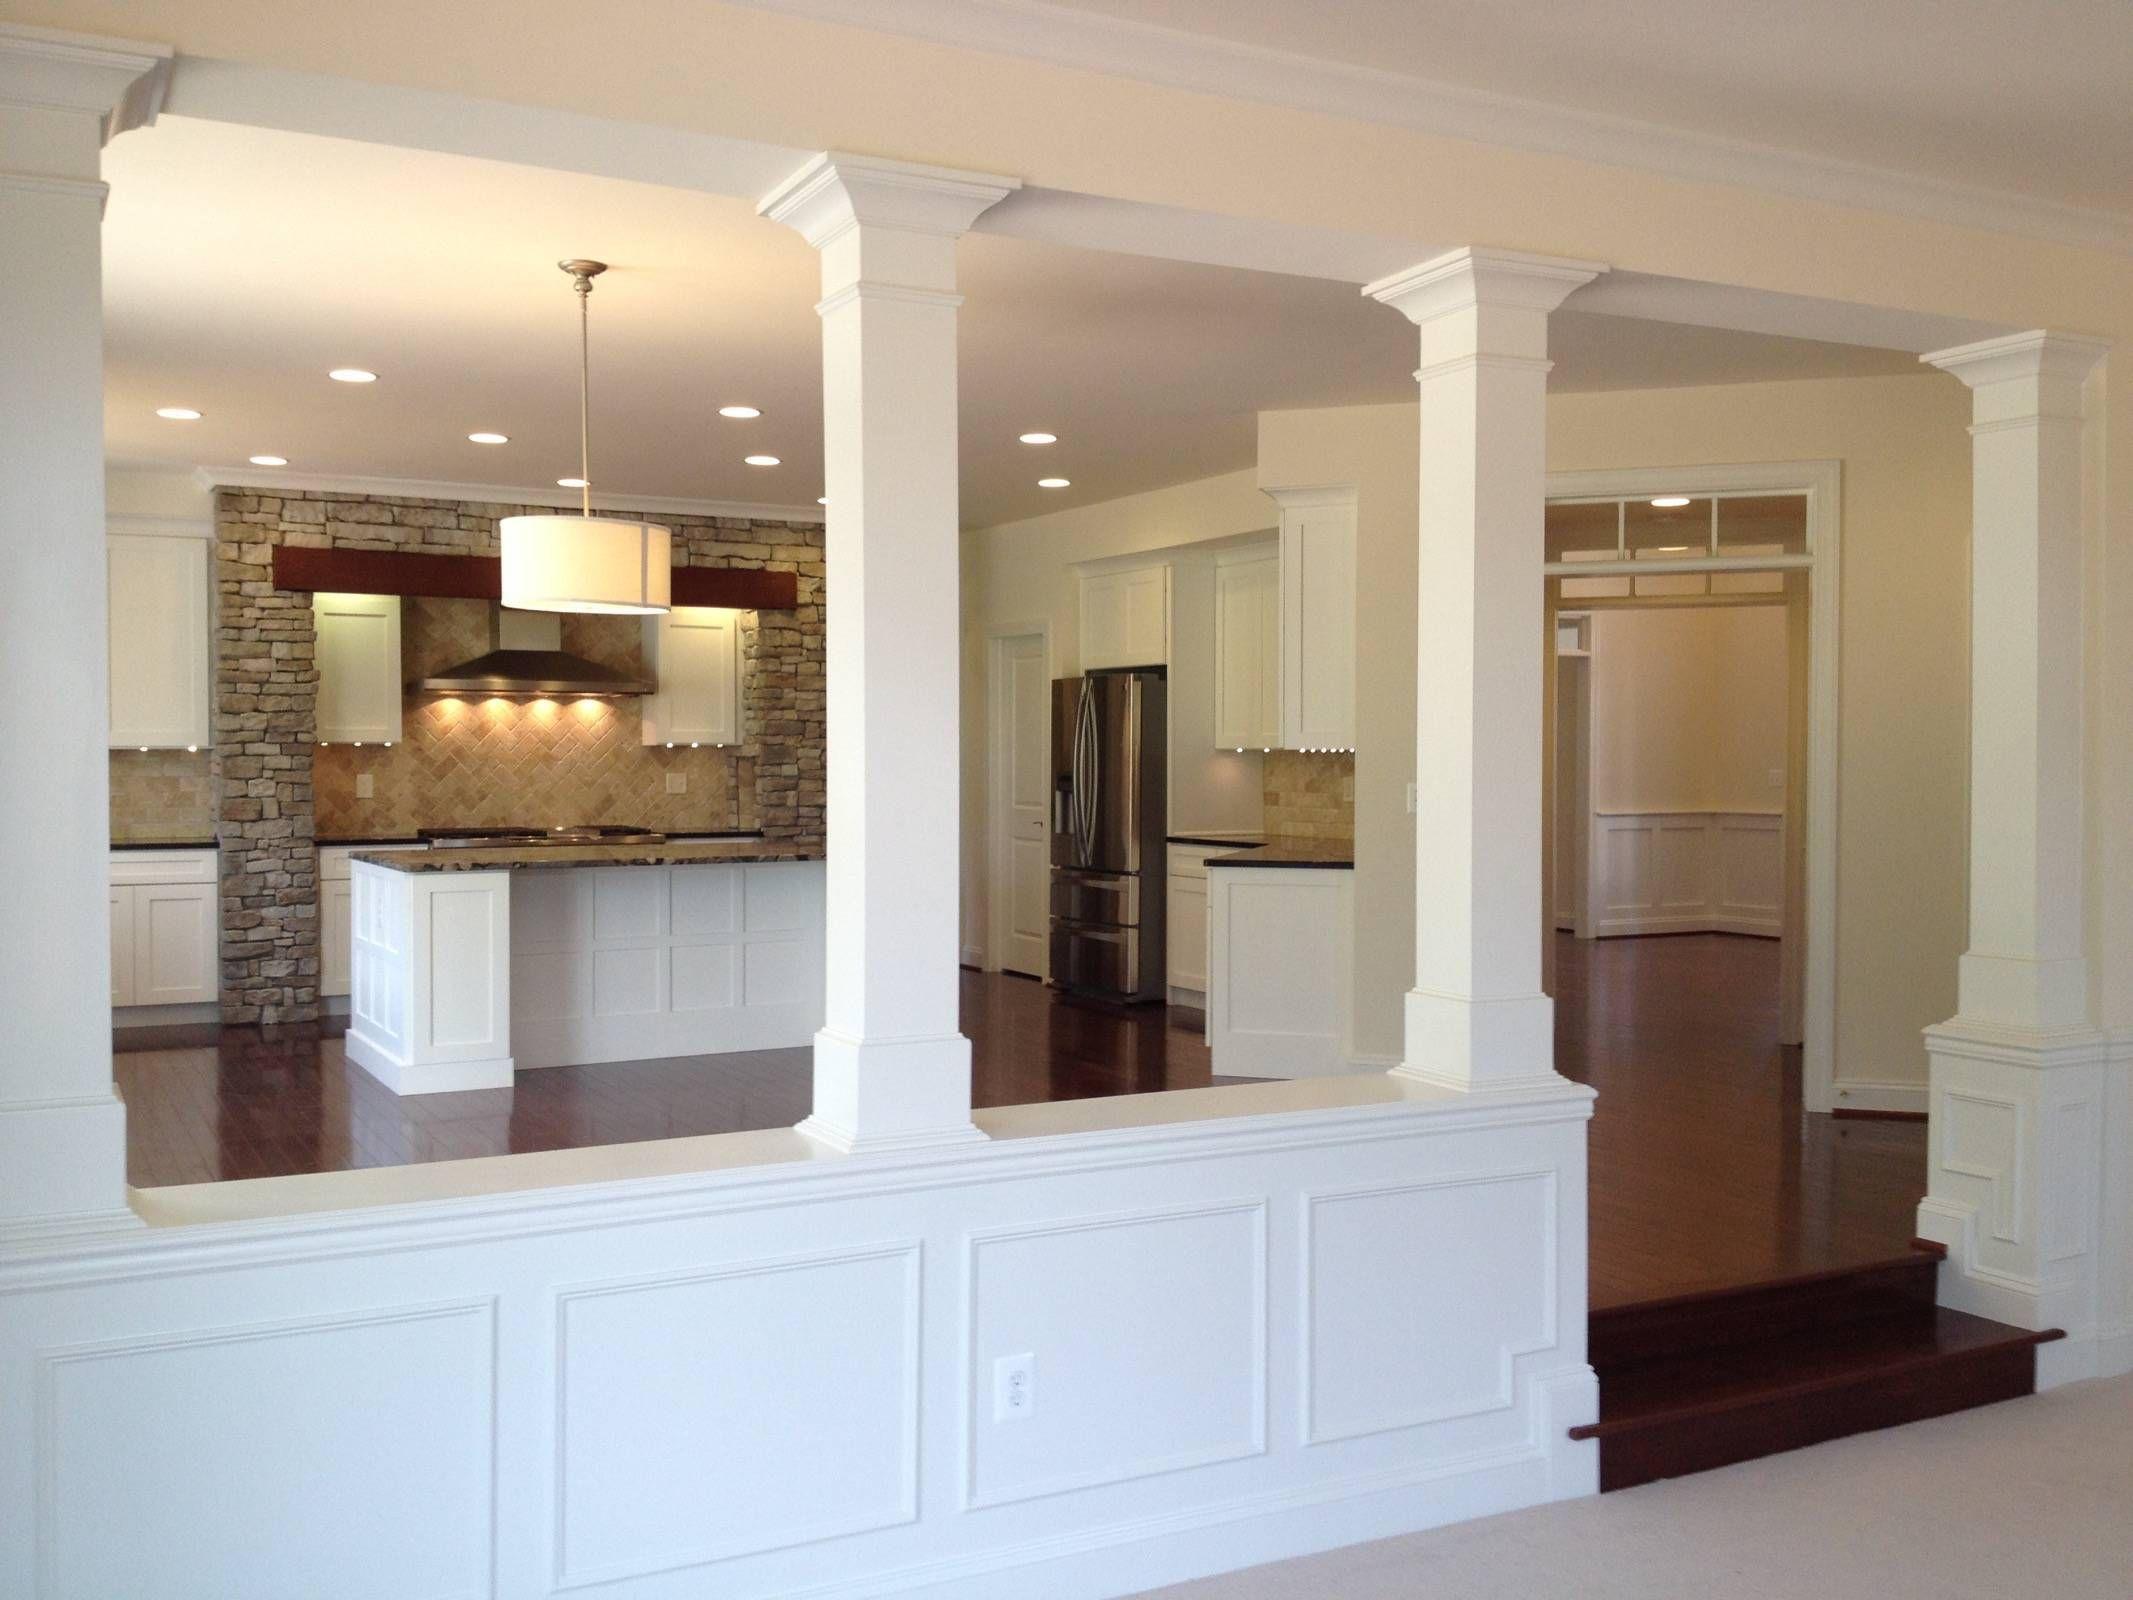 Fascinating half wall room divider for interior design half wall